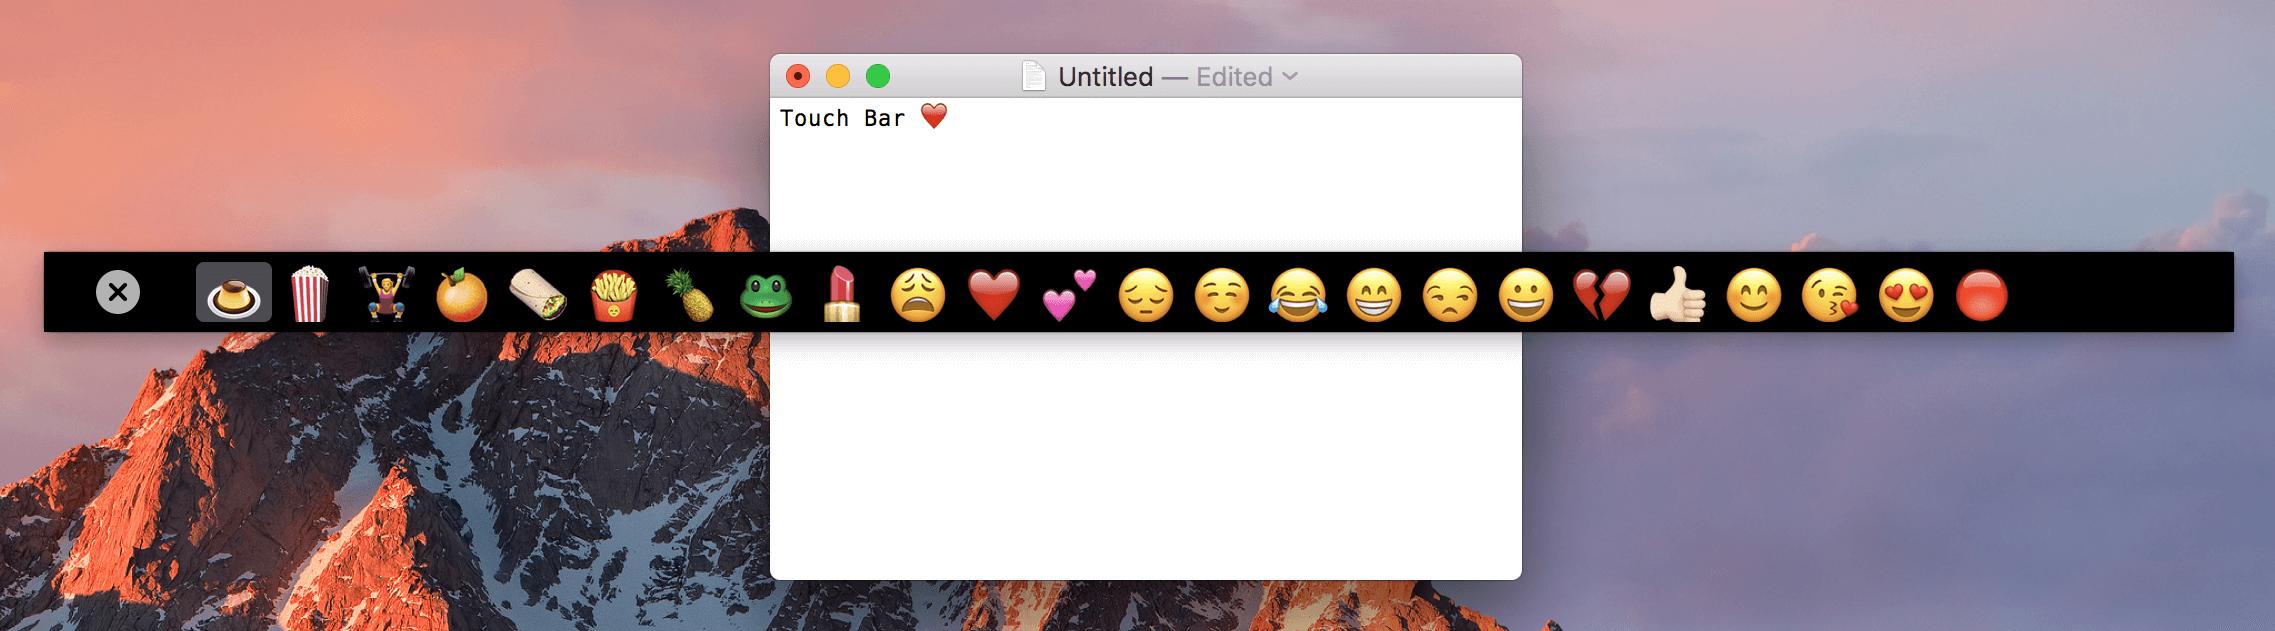 Aplicación de demostración Touch Bar teaser 002